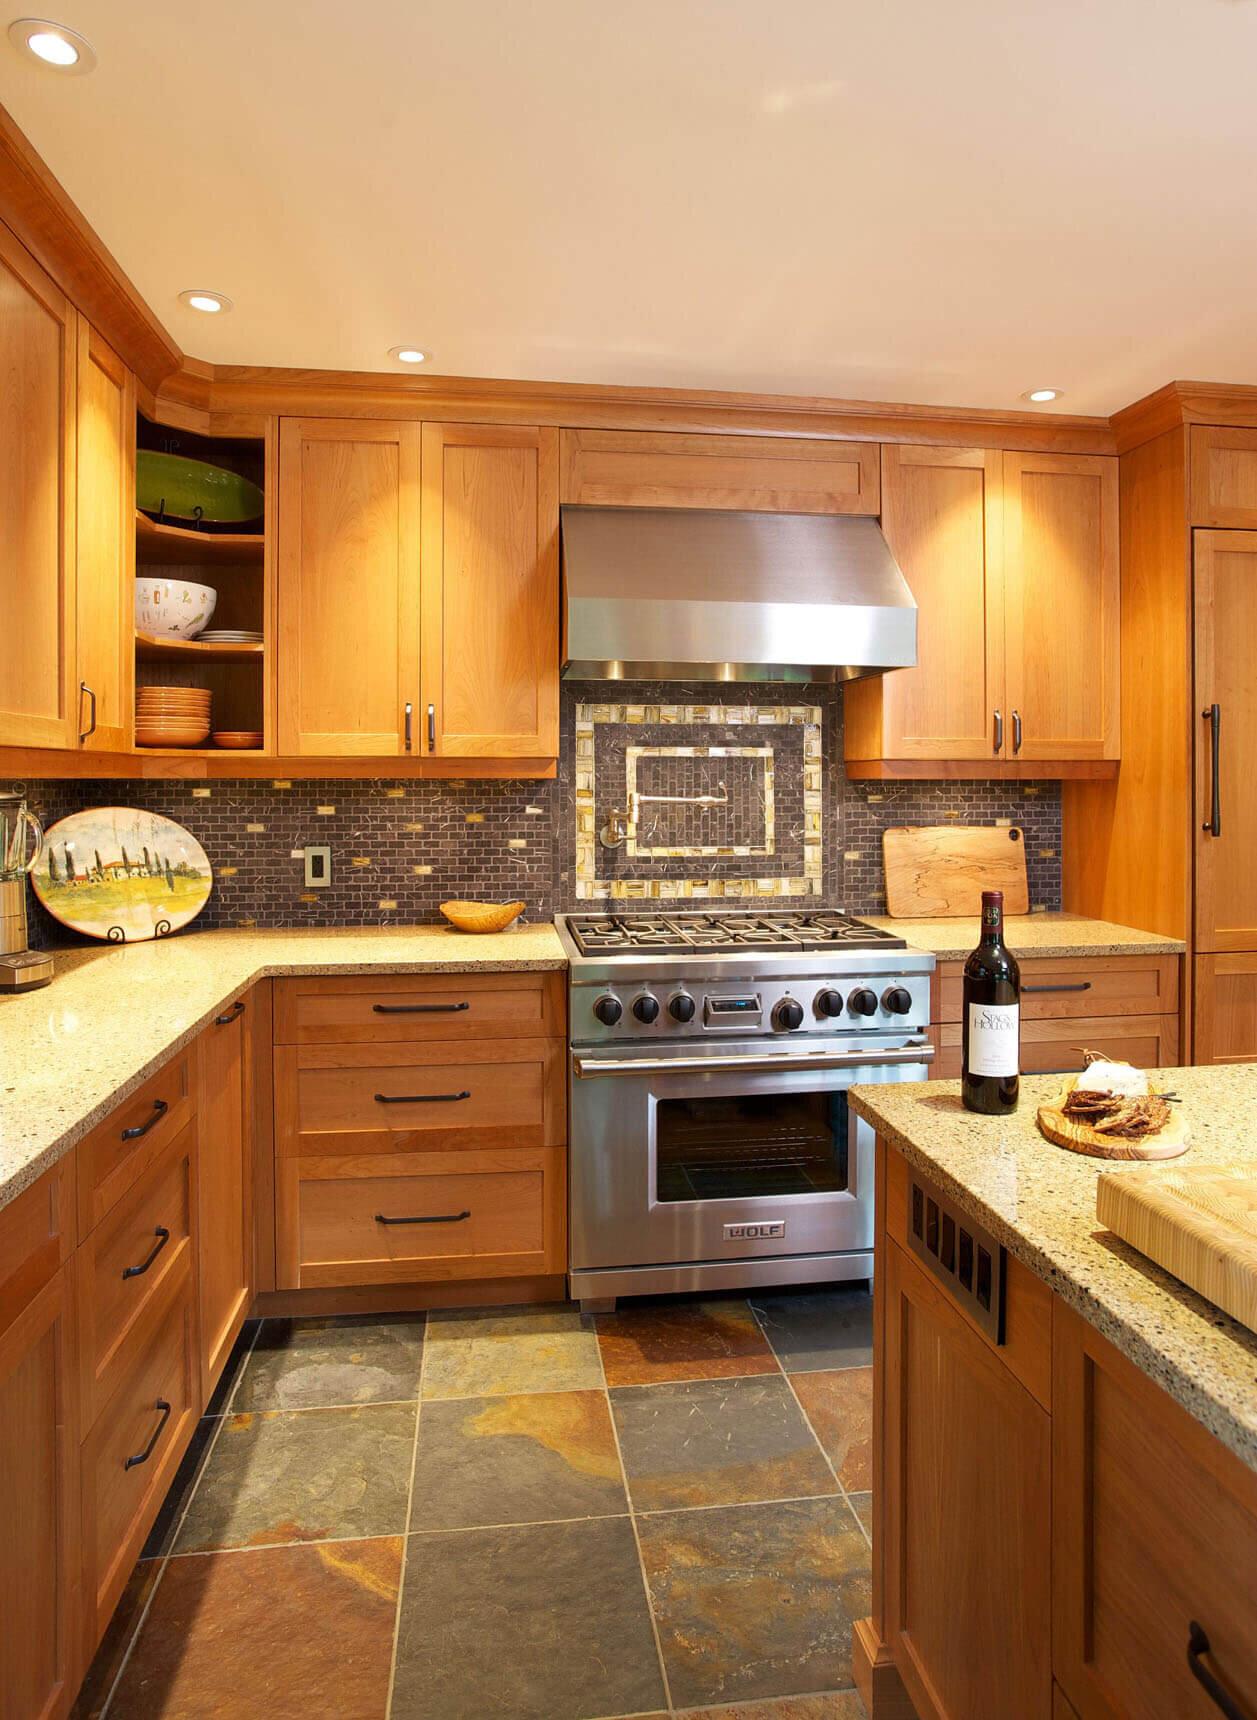 wsi-imageoptim-Wood-tile-detail-Whistler-kitchen.jpg